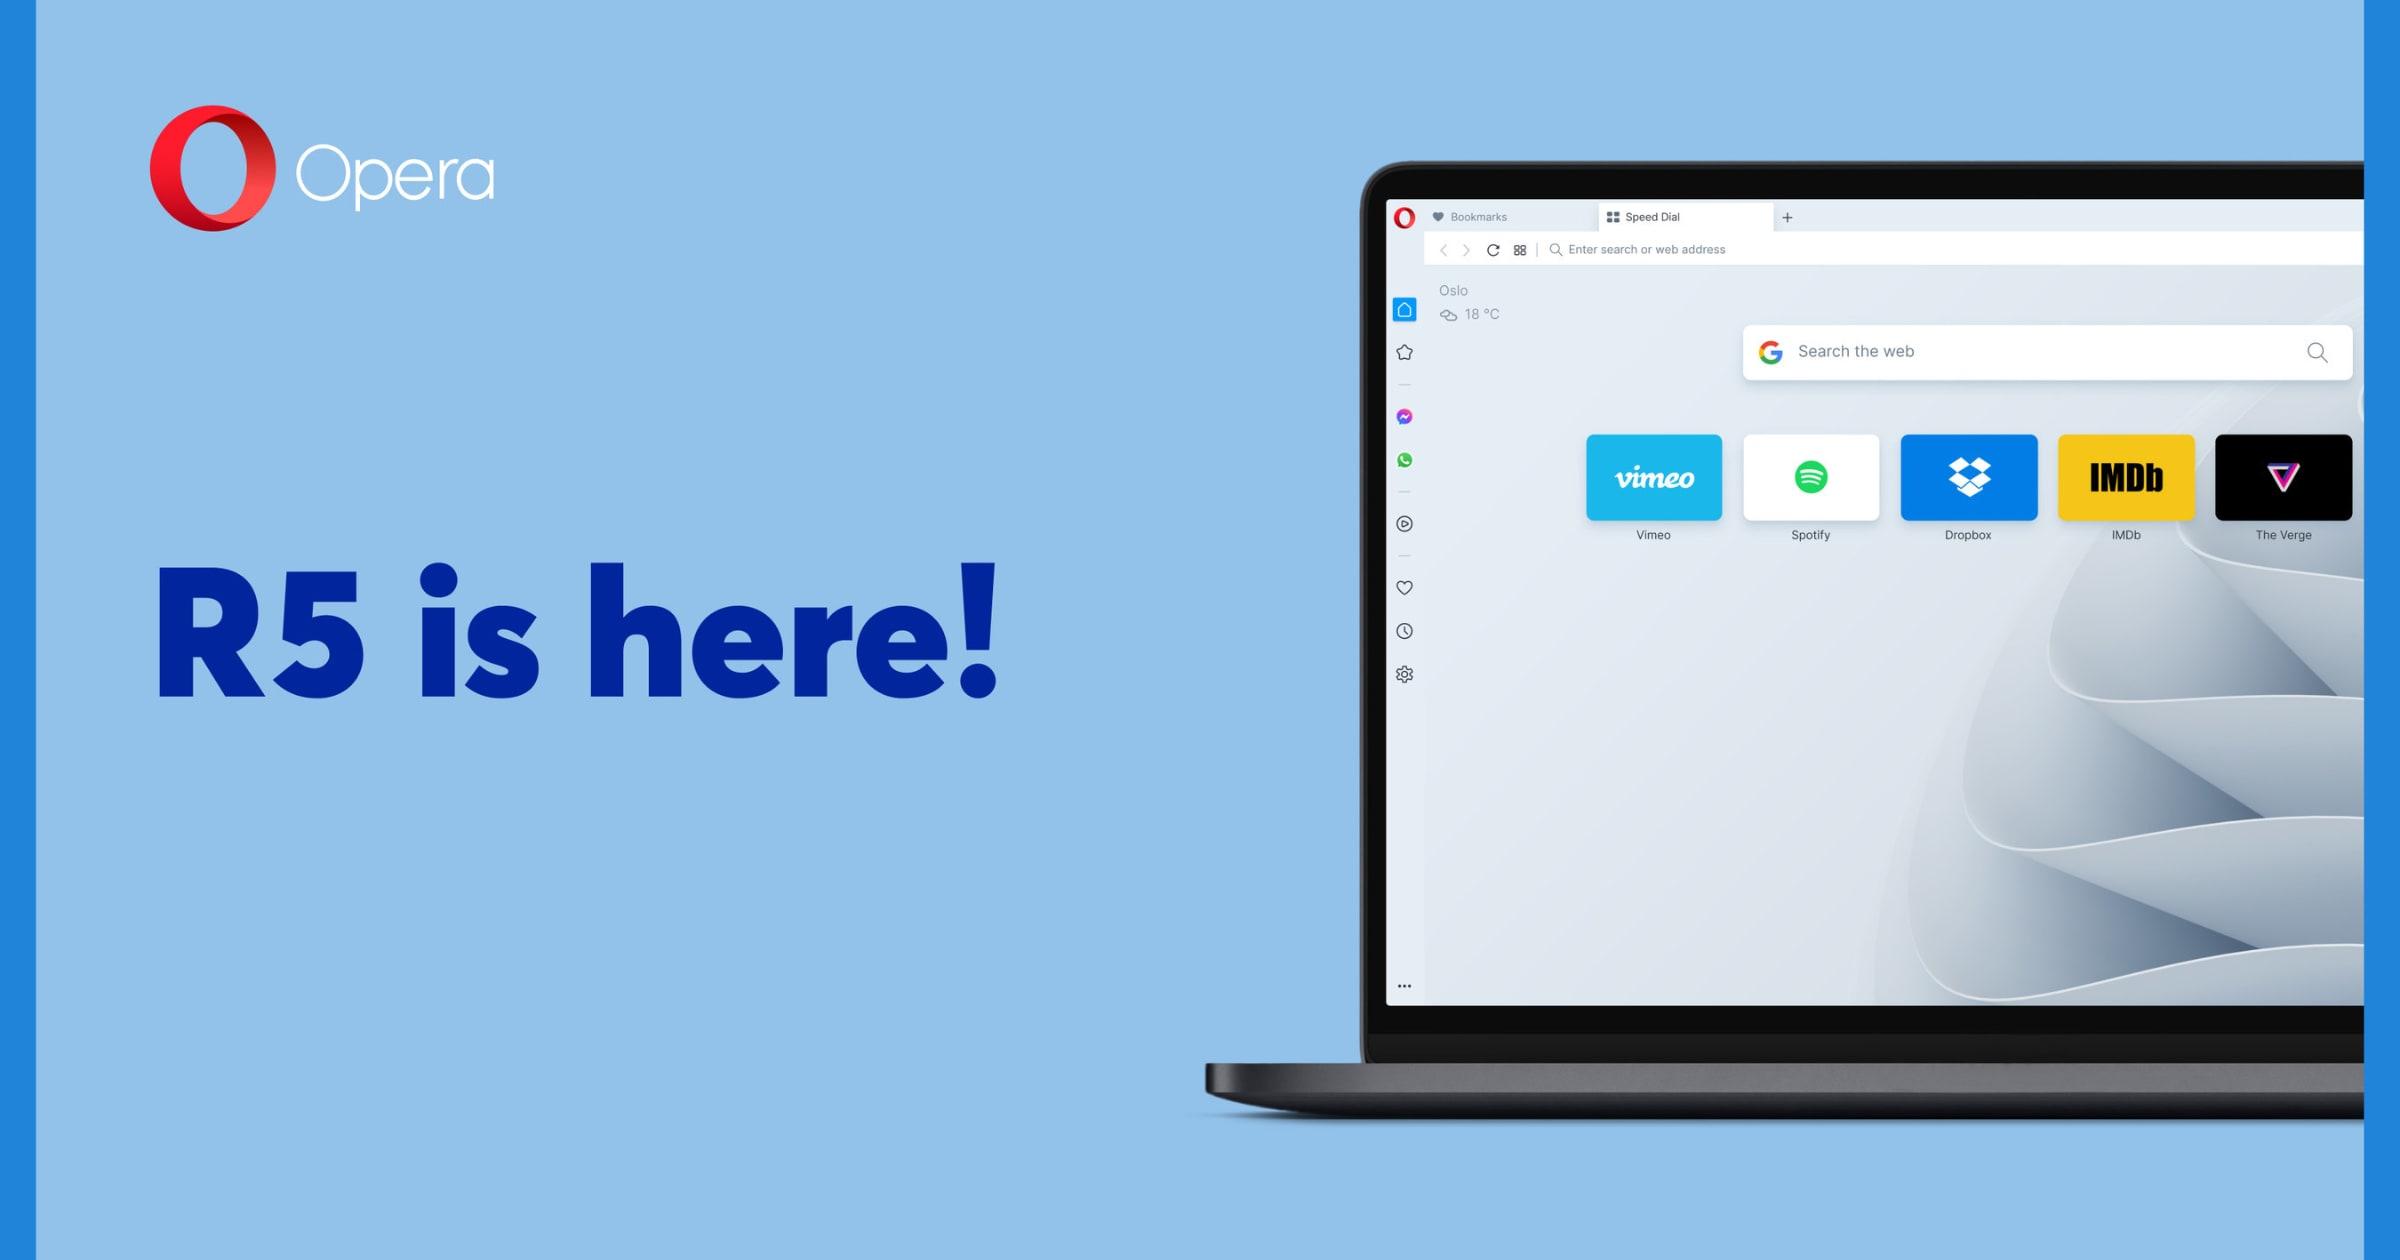 opera browser R5 update